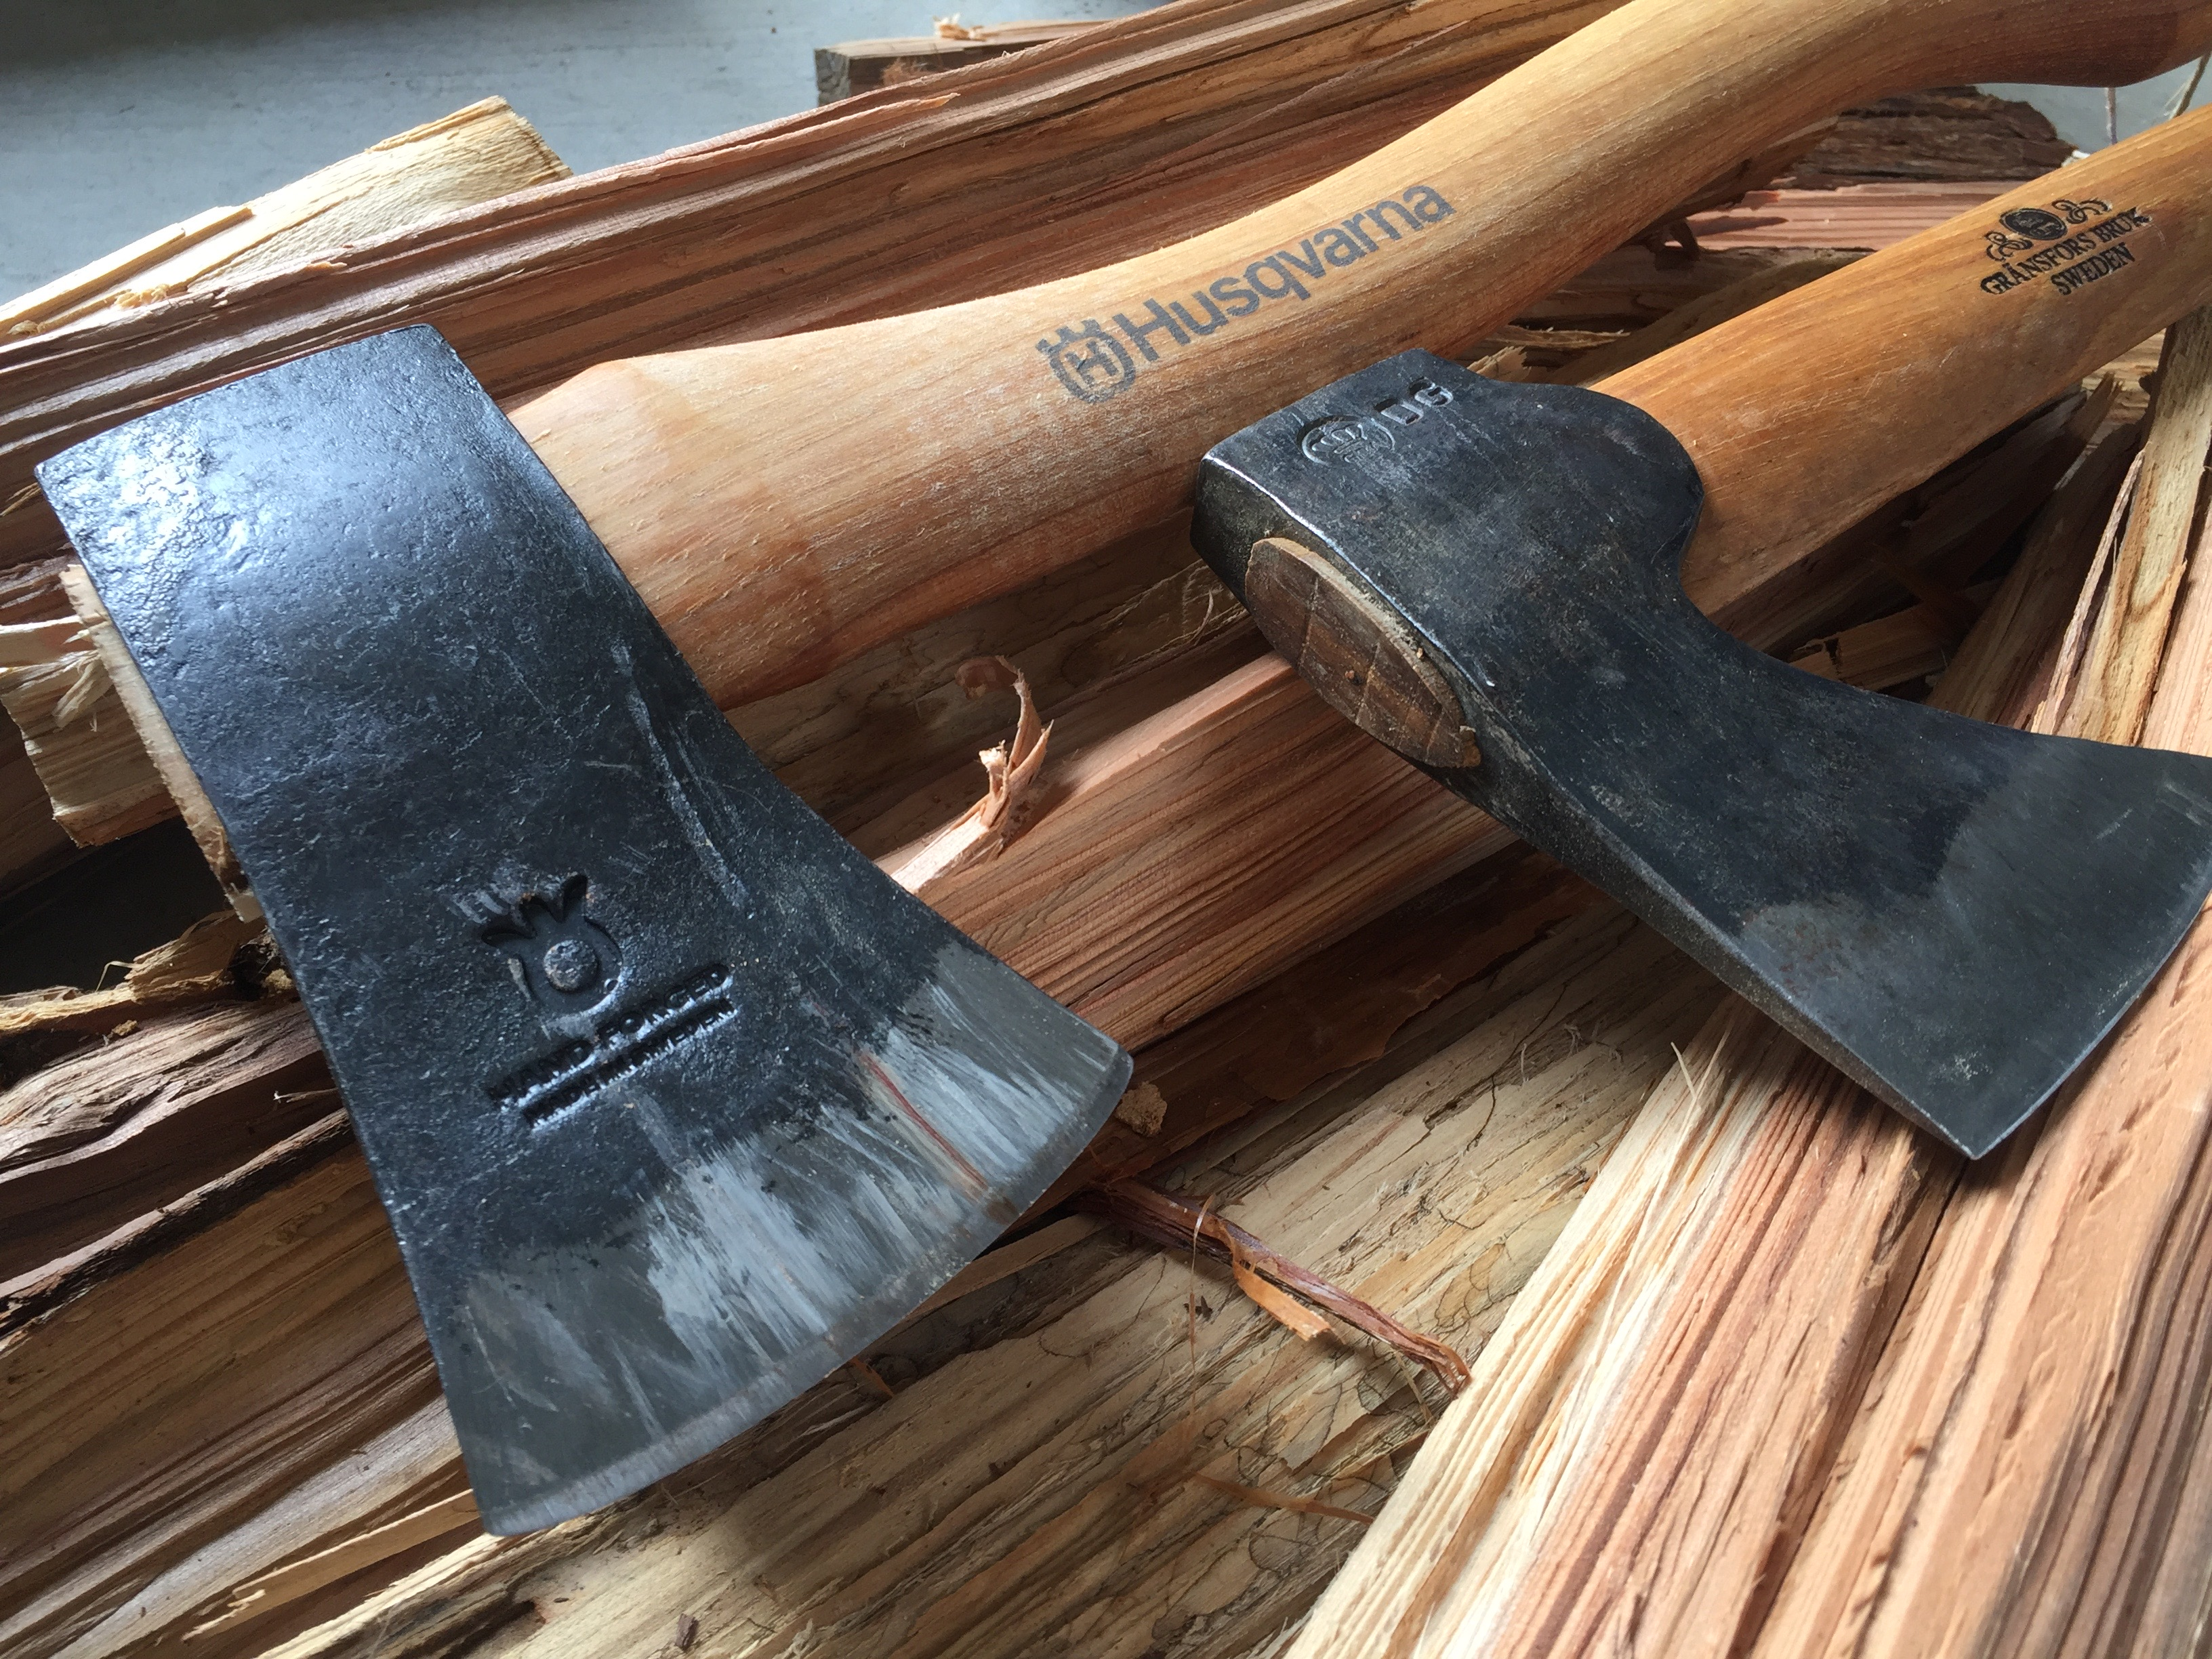 ハスクバーナの手斧とグレンスフォシュのワイルドライフが並んでいる様子